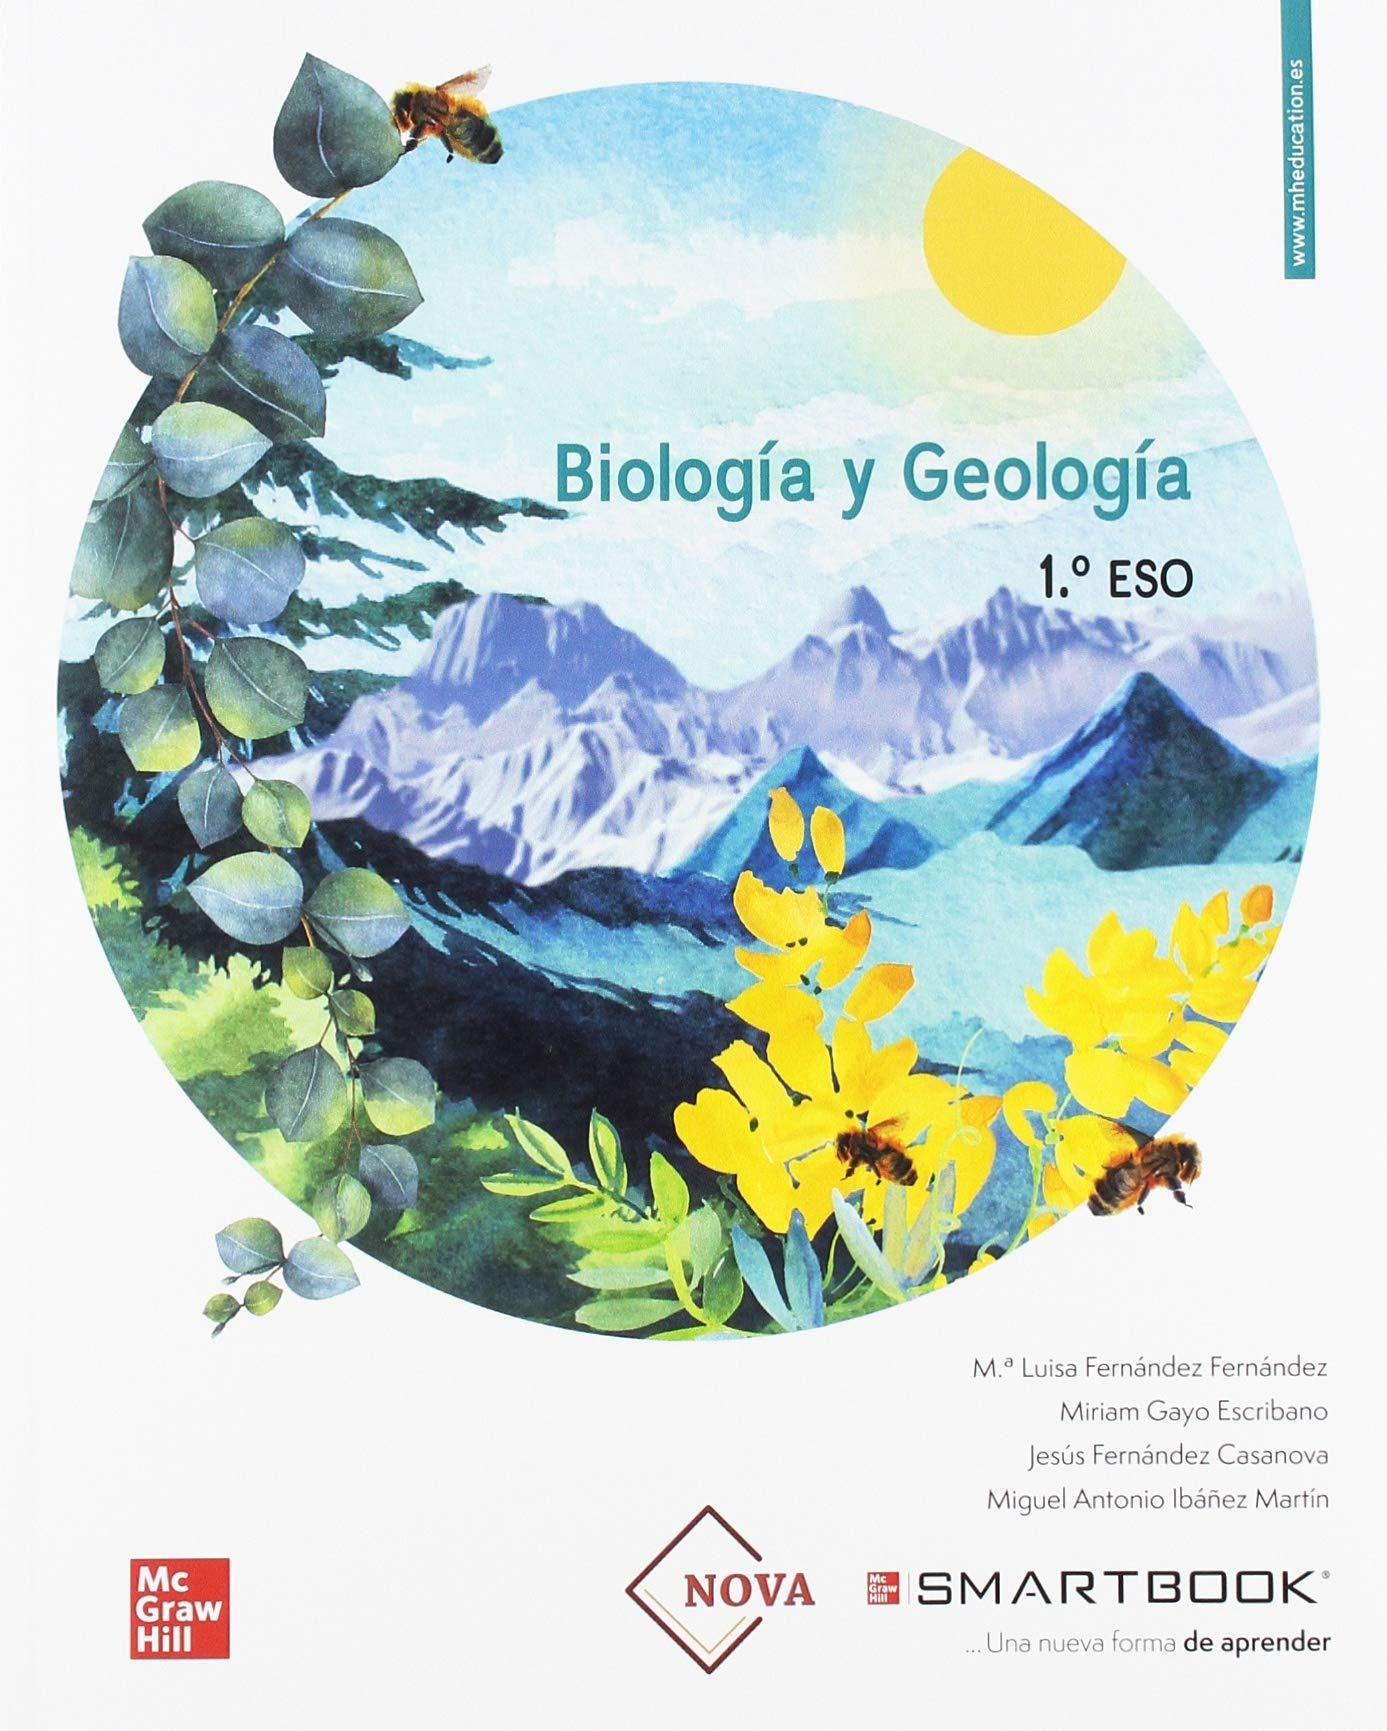 Biología y Geología 1 ESO: Amazon.es: Fernández Fernández,Mª Luisa, Gayo Escribano,Miriam, Fernández Casanova,Jesús, Ibáñez Martín,Miguel Antonio: Libros